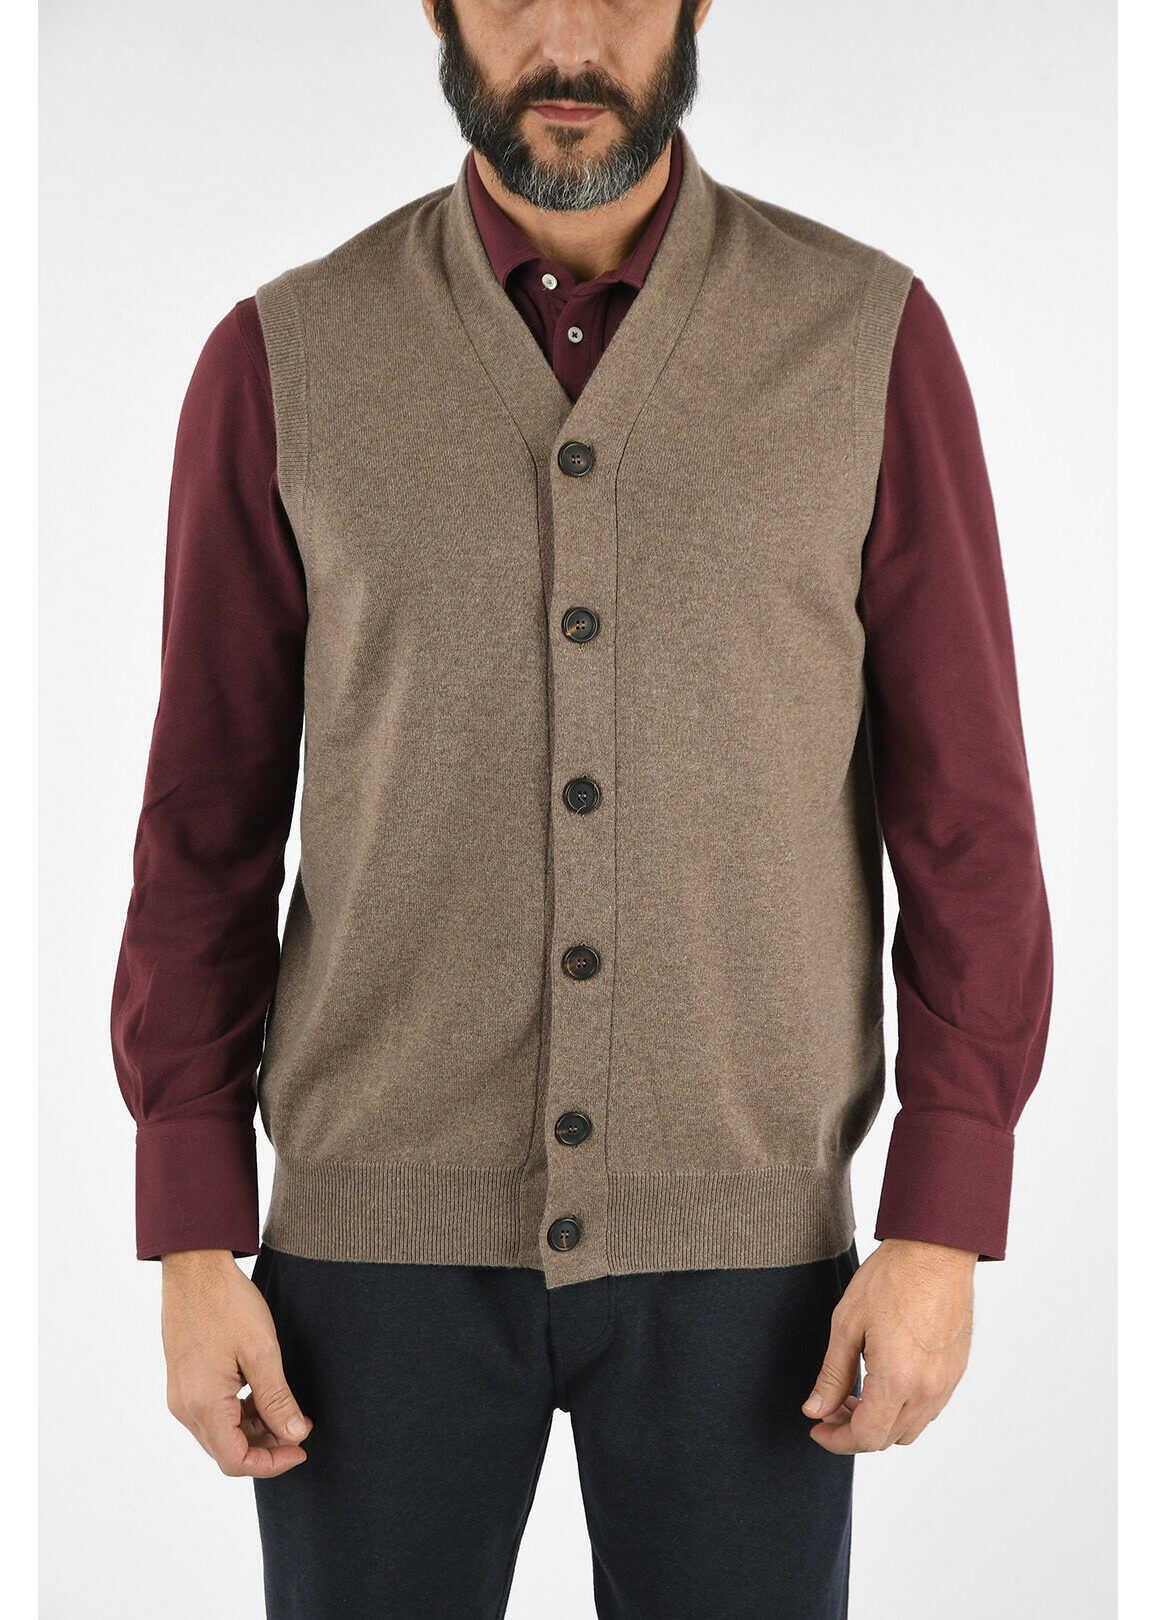 Brunello Cucinelli Cashmere Vest BEIGE imagine